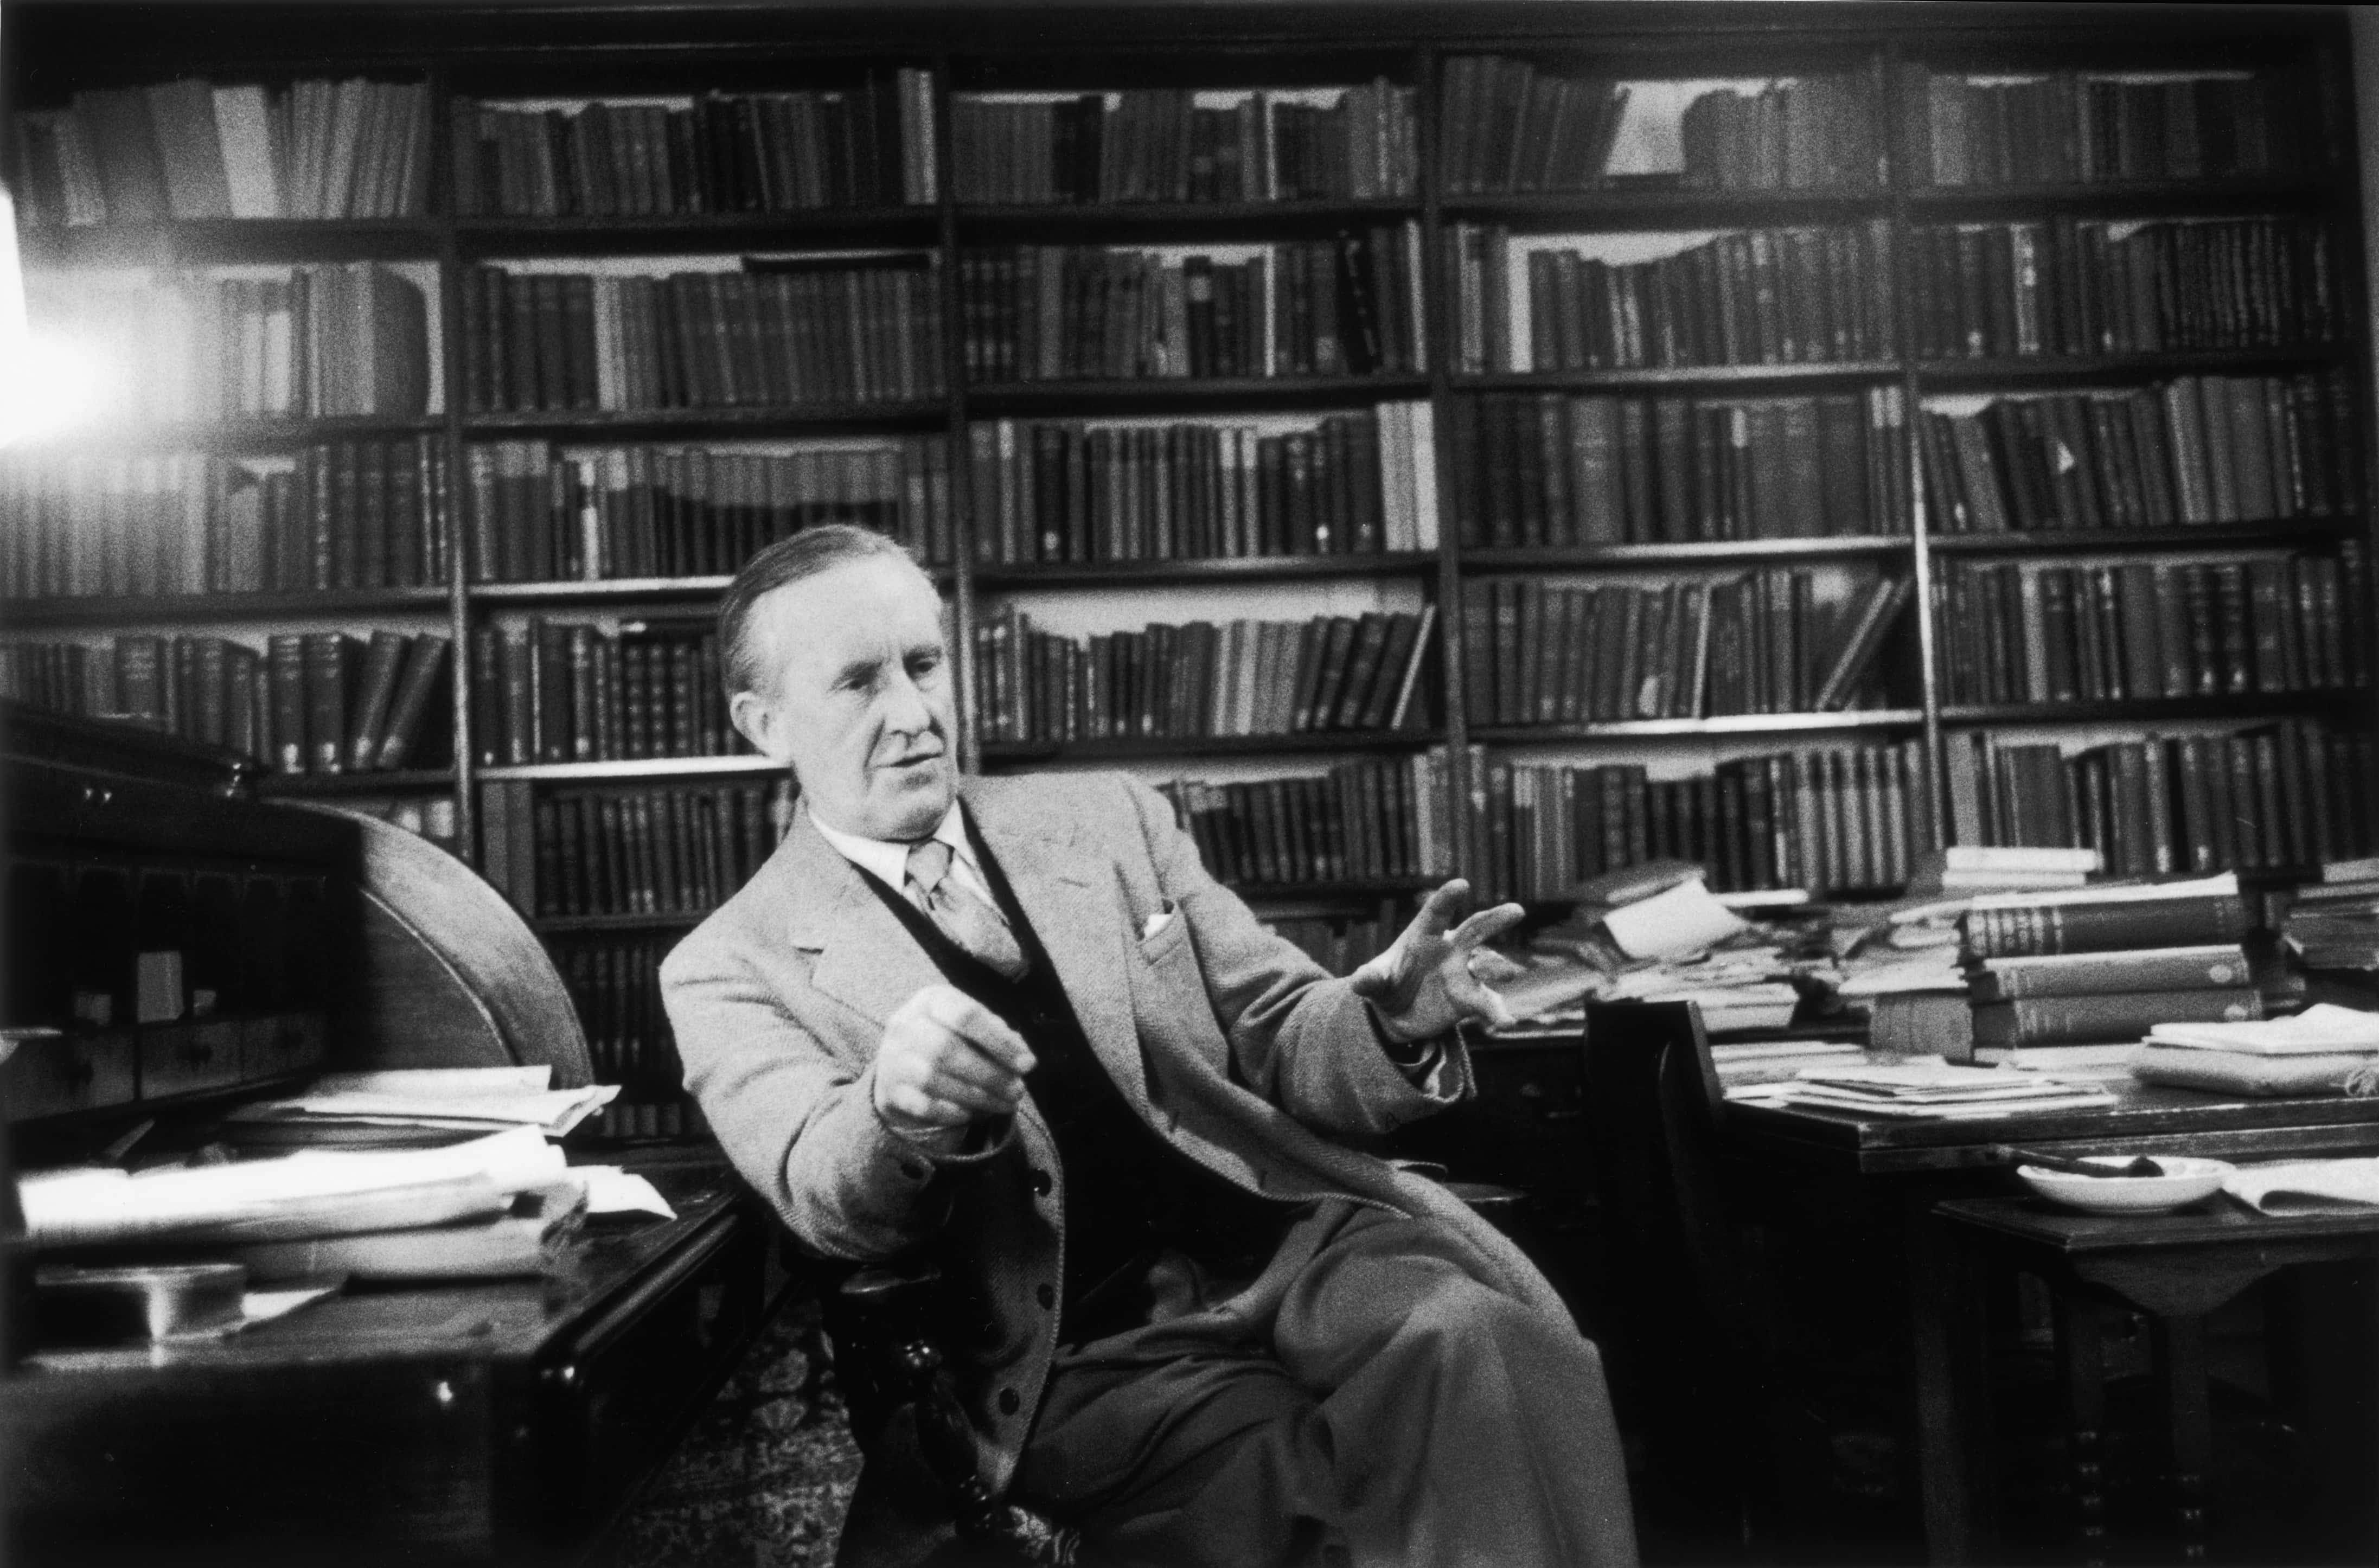 J R R Tolkien.